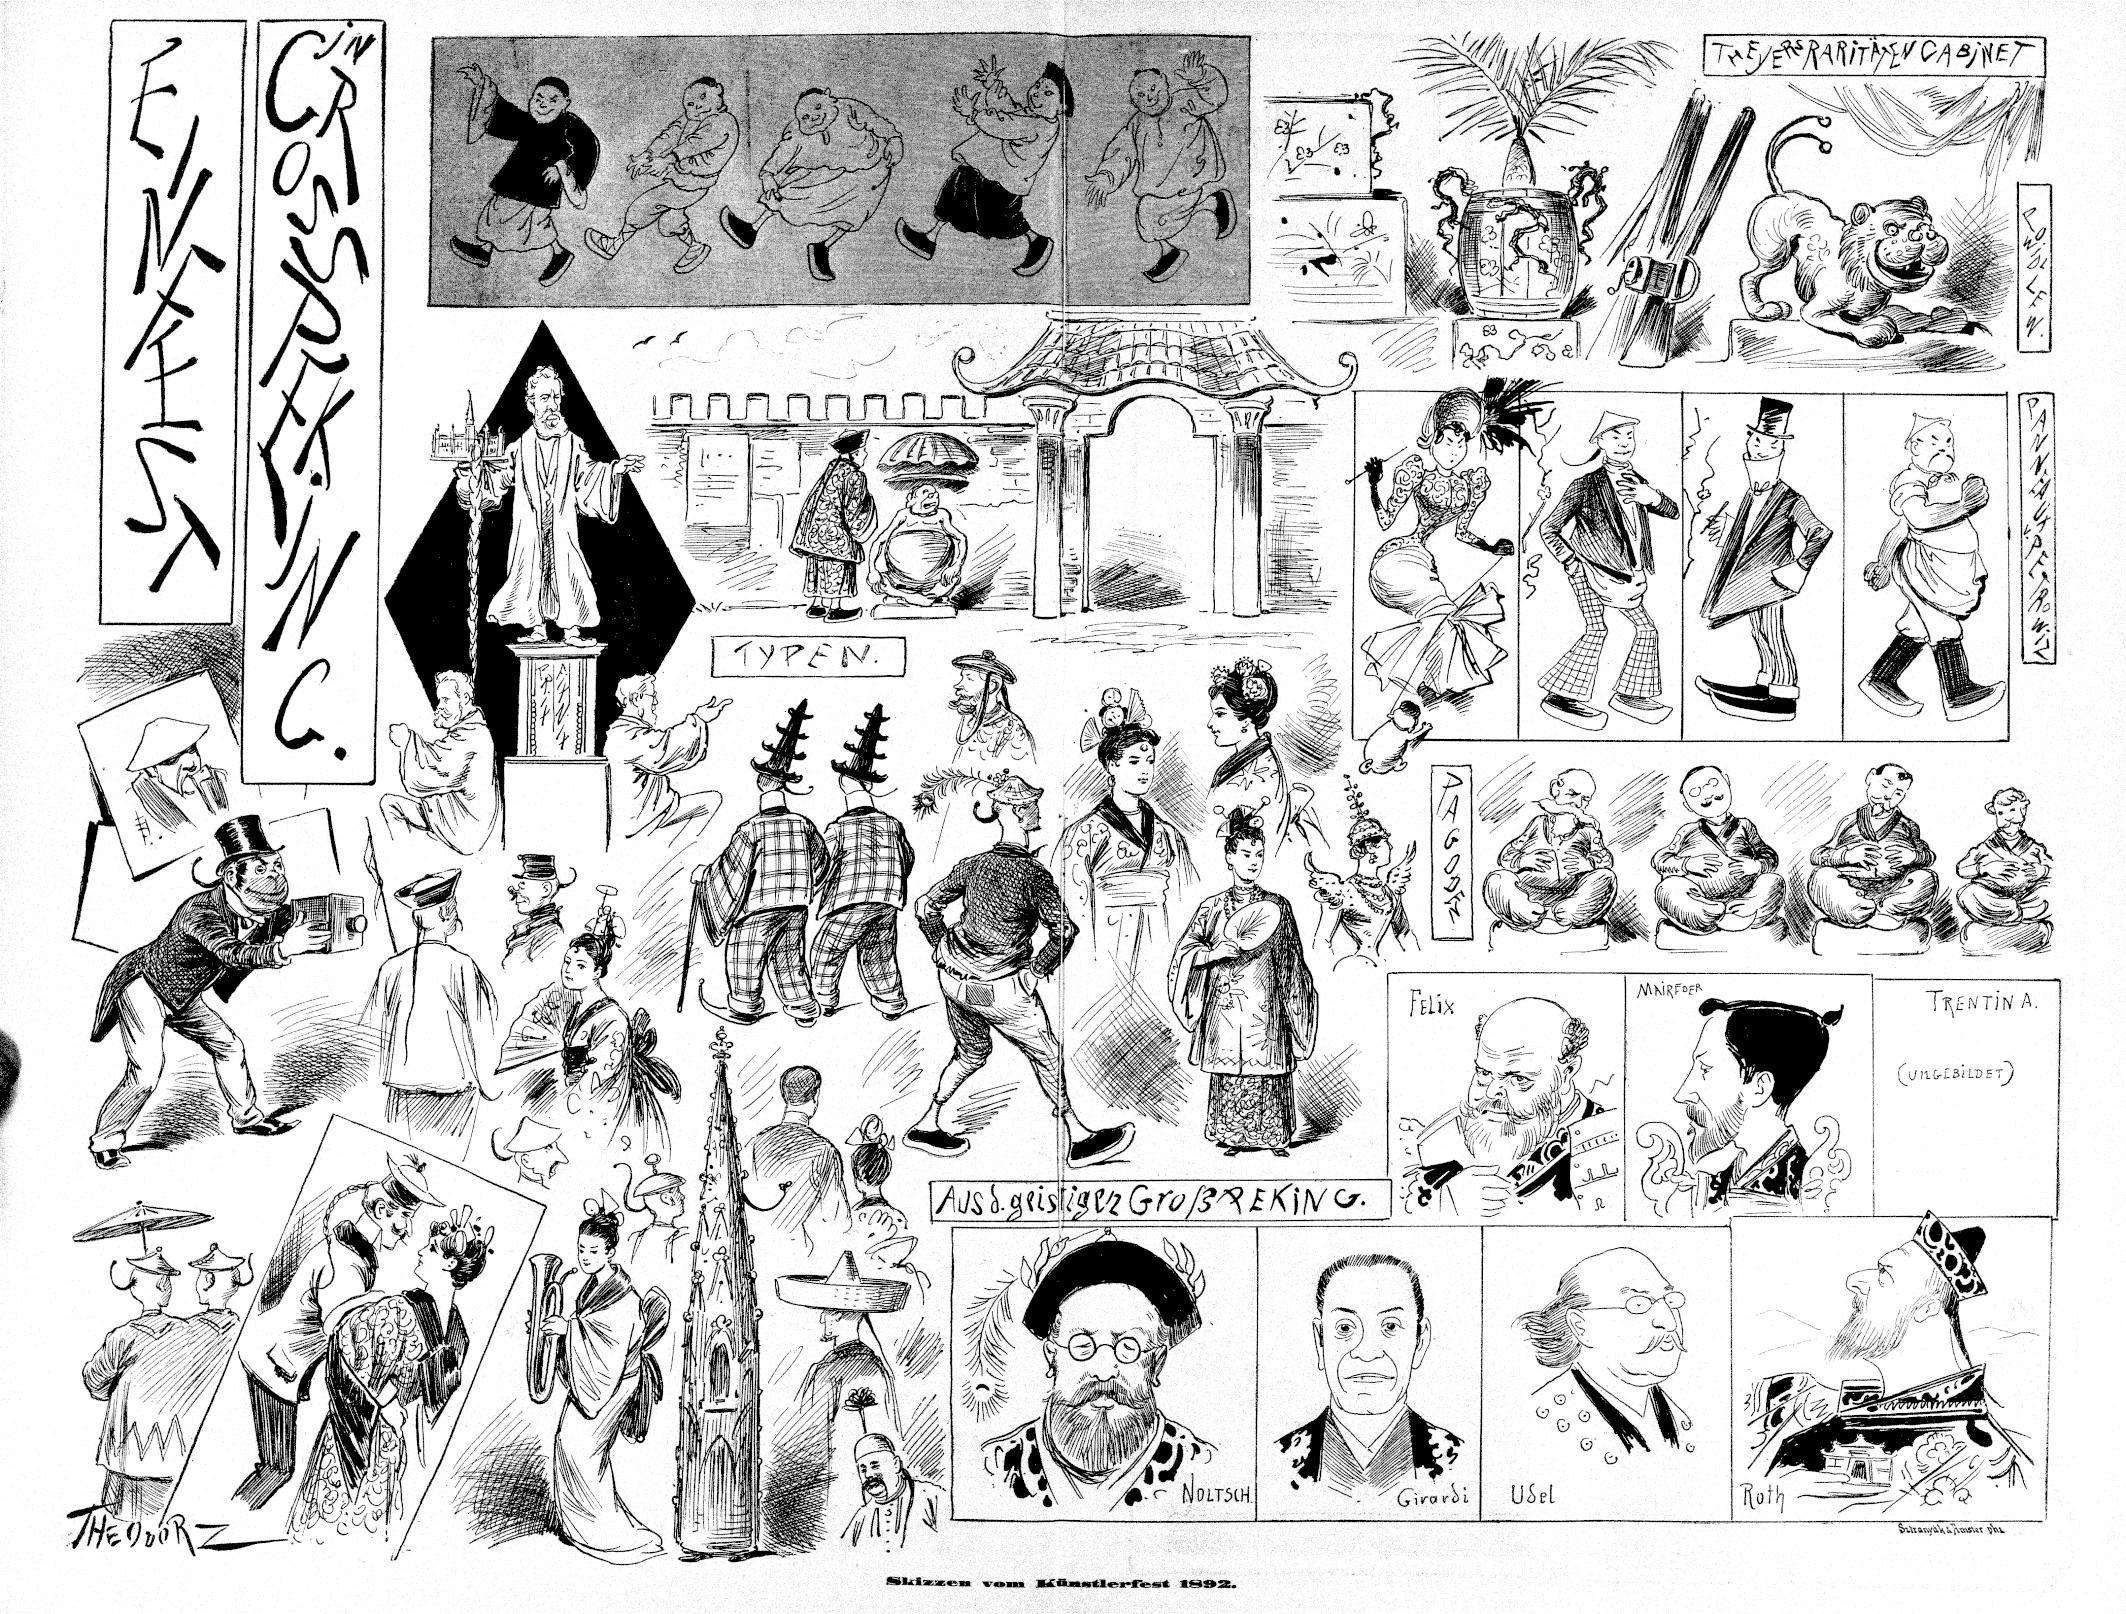 Der Floh (6.3.1892)